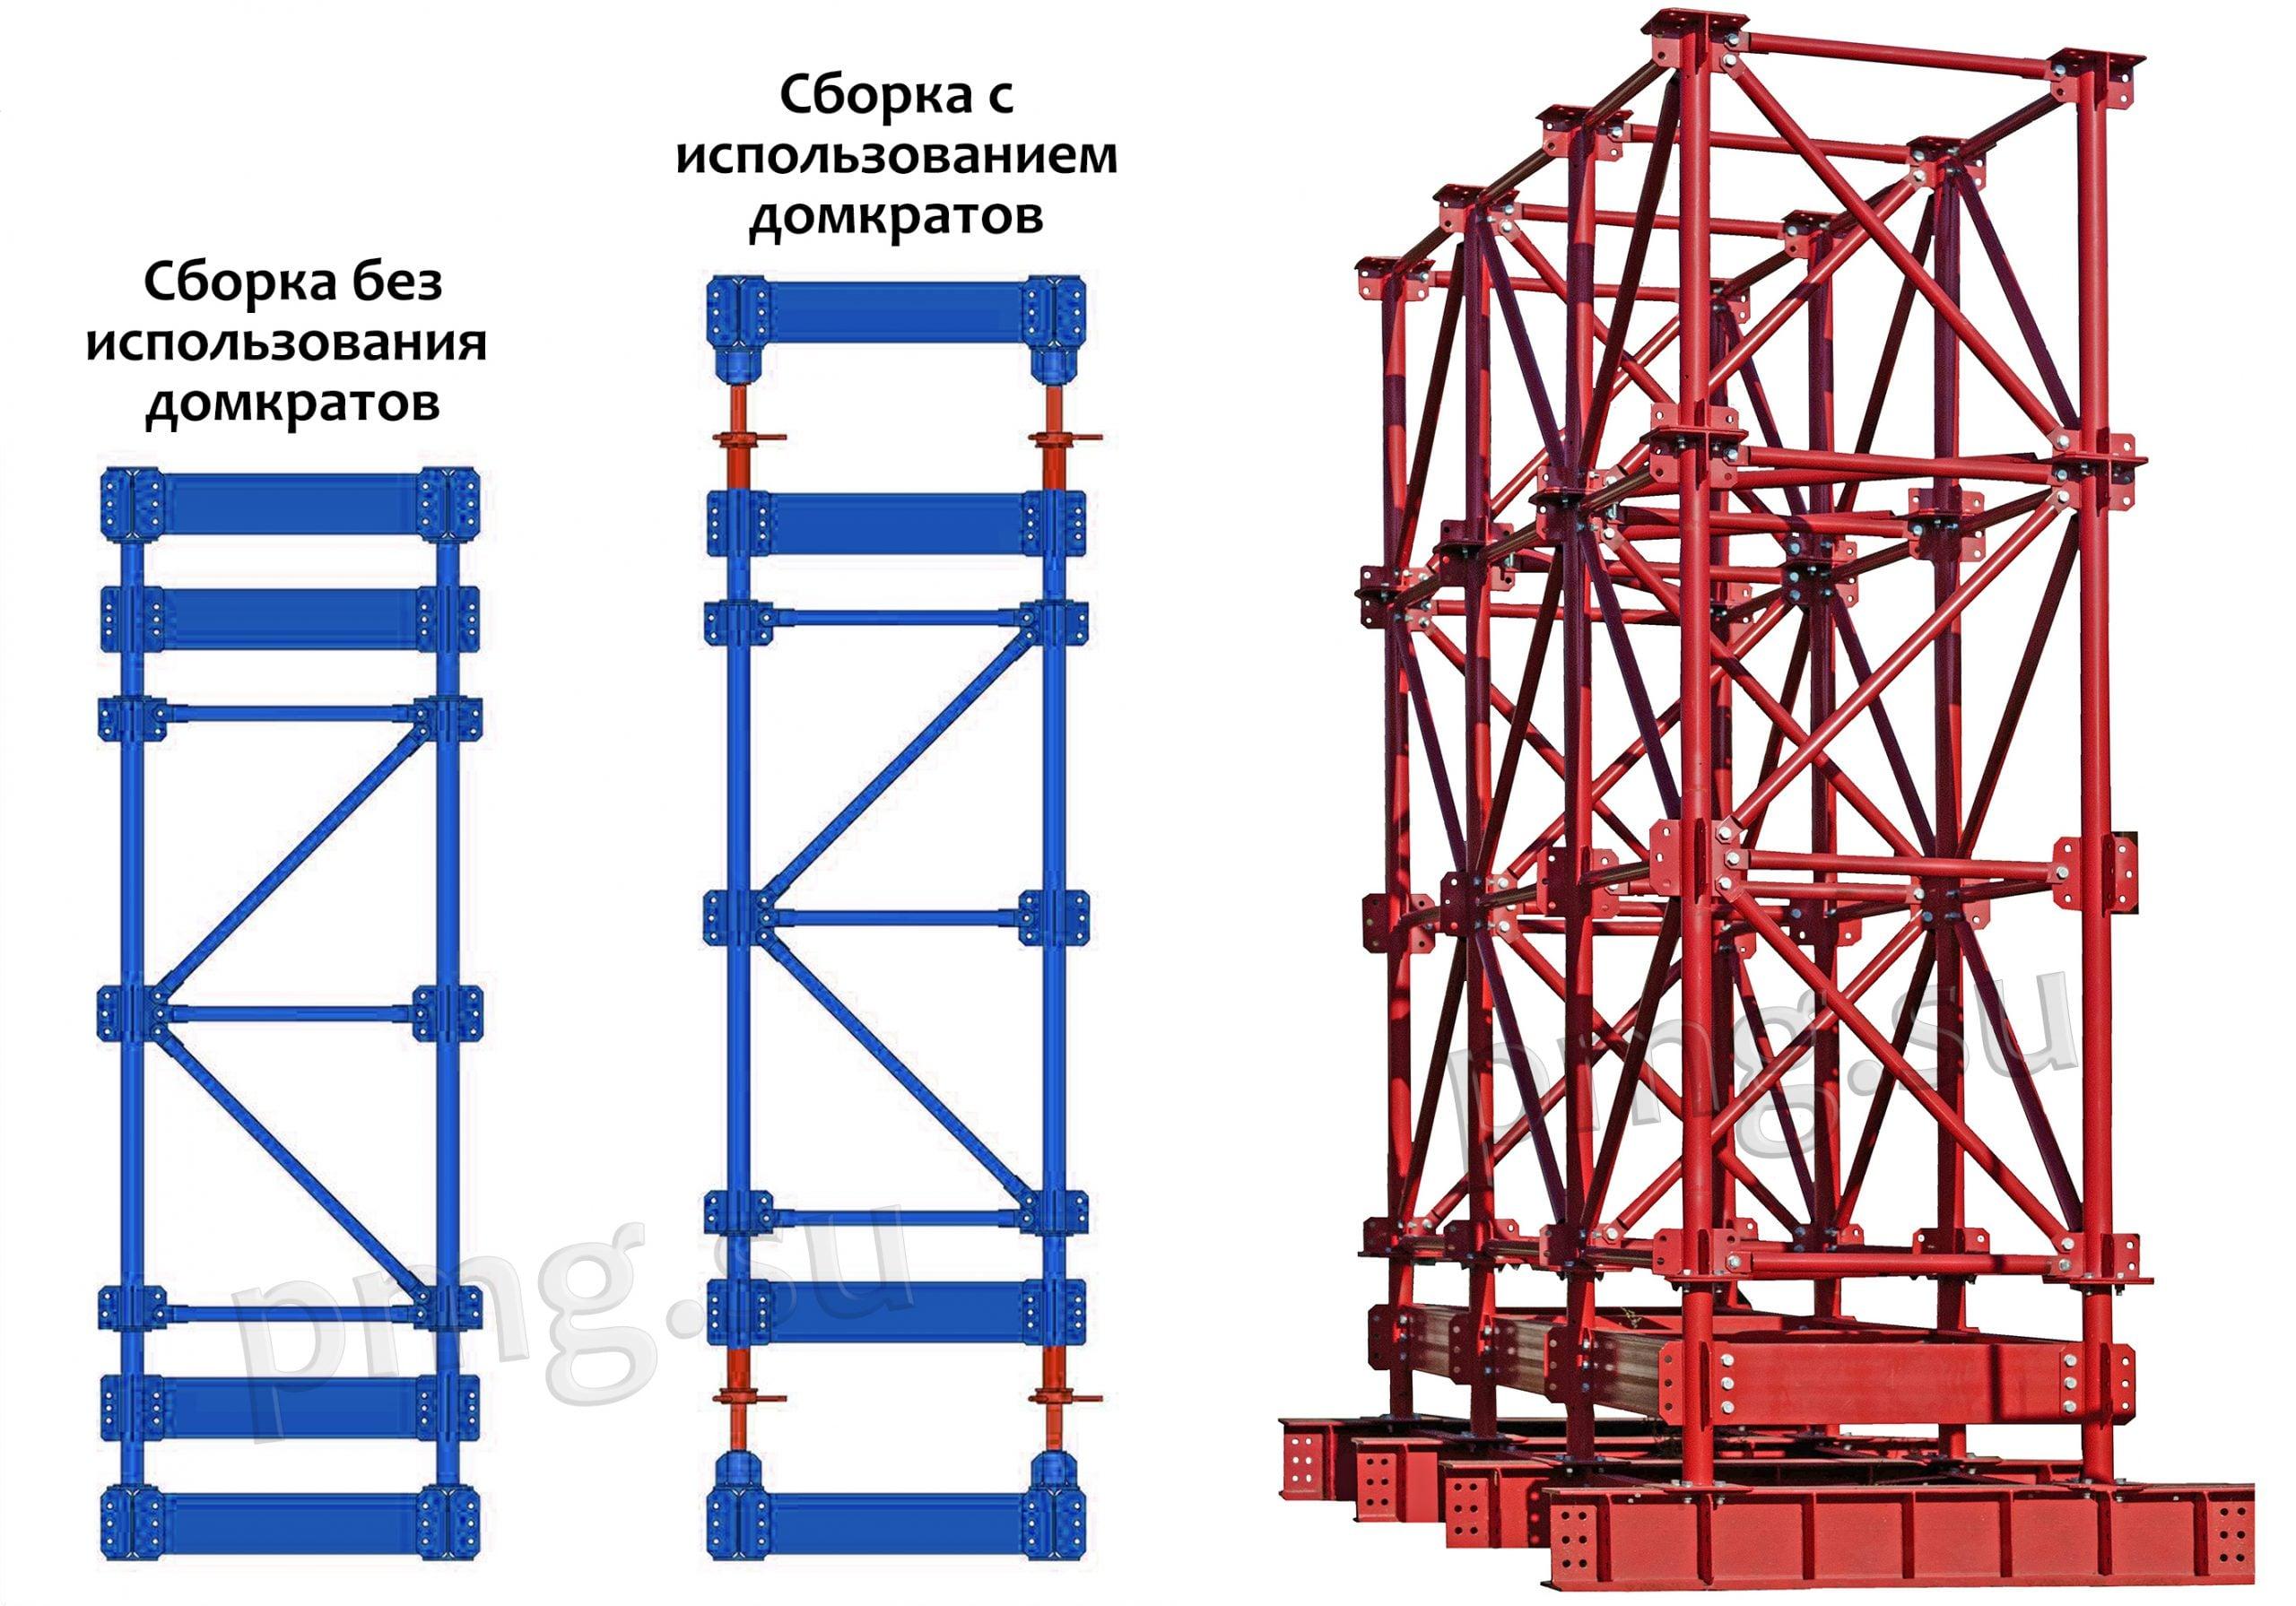 Опалубка мостовых опор и путепроводов